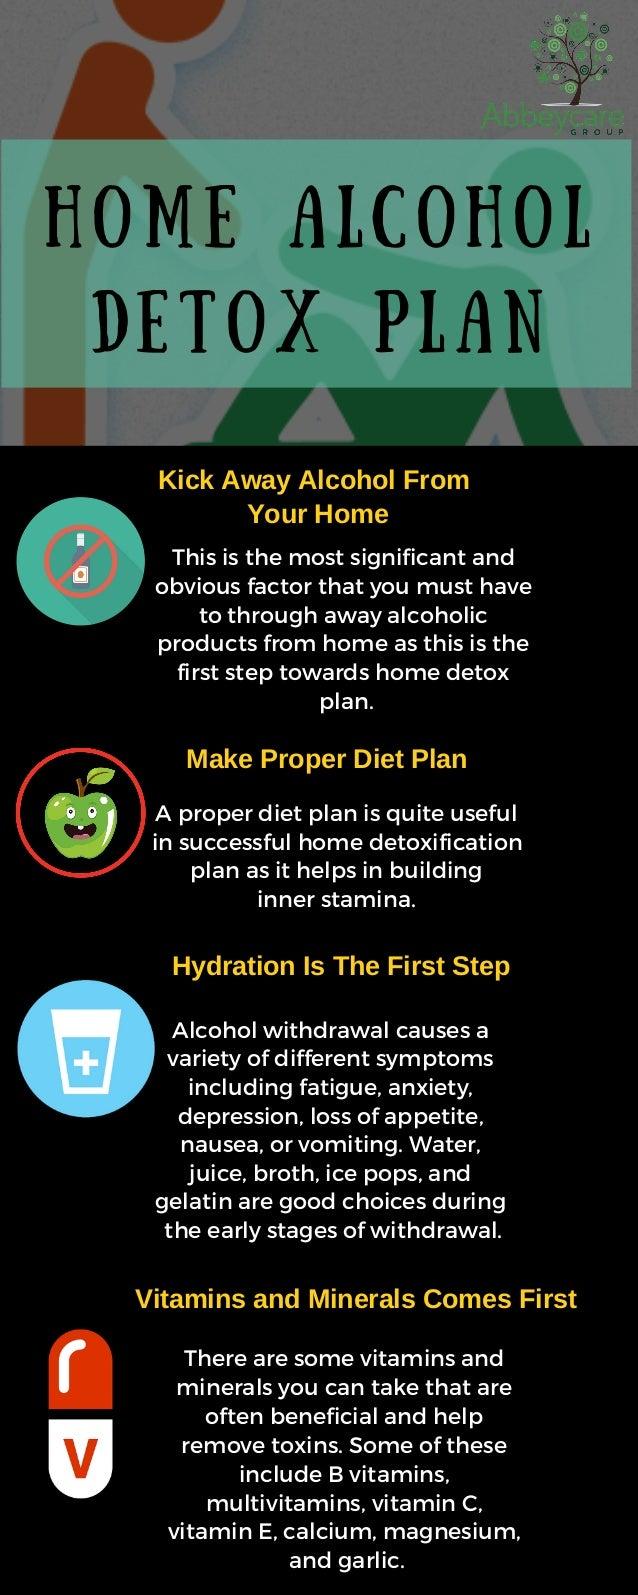 Home Alcohol Detox Plan